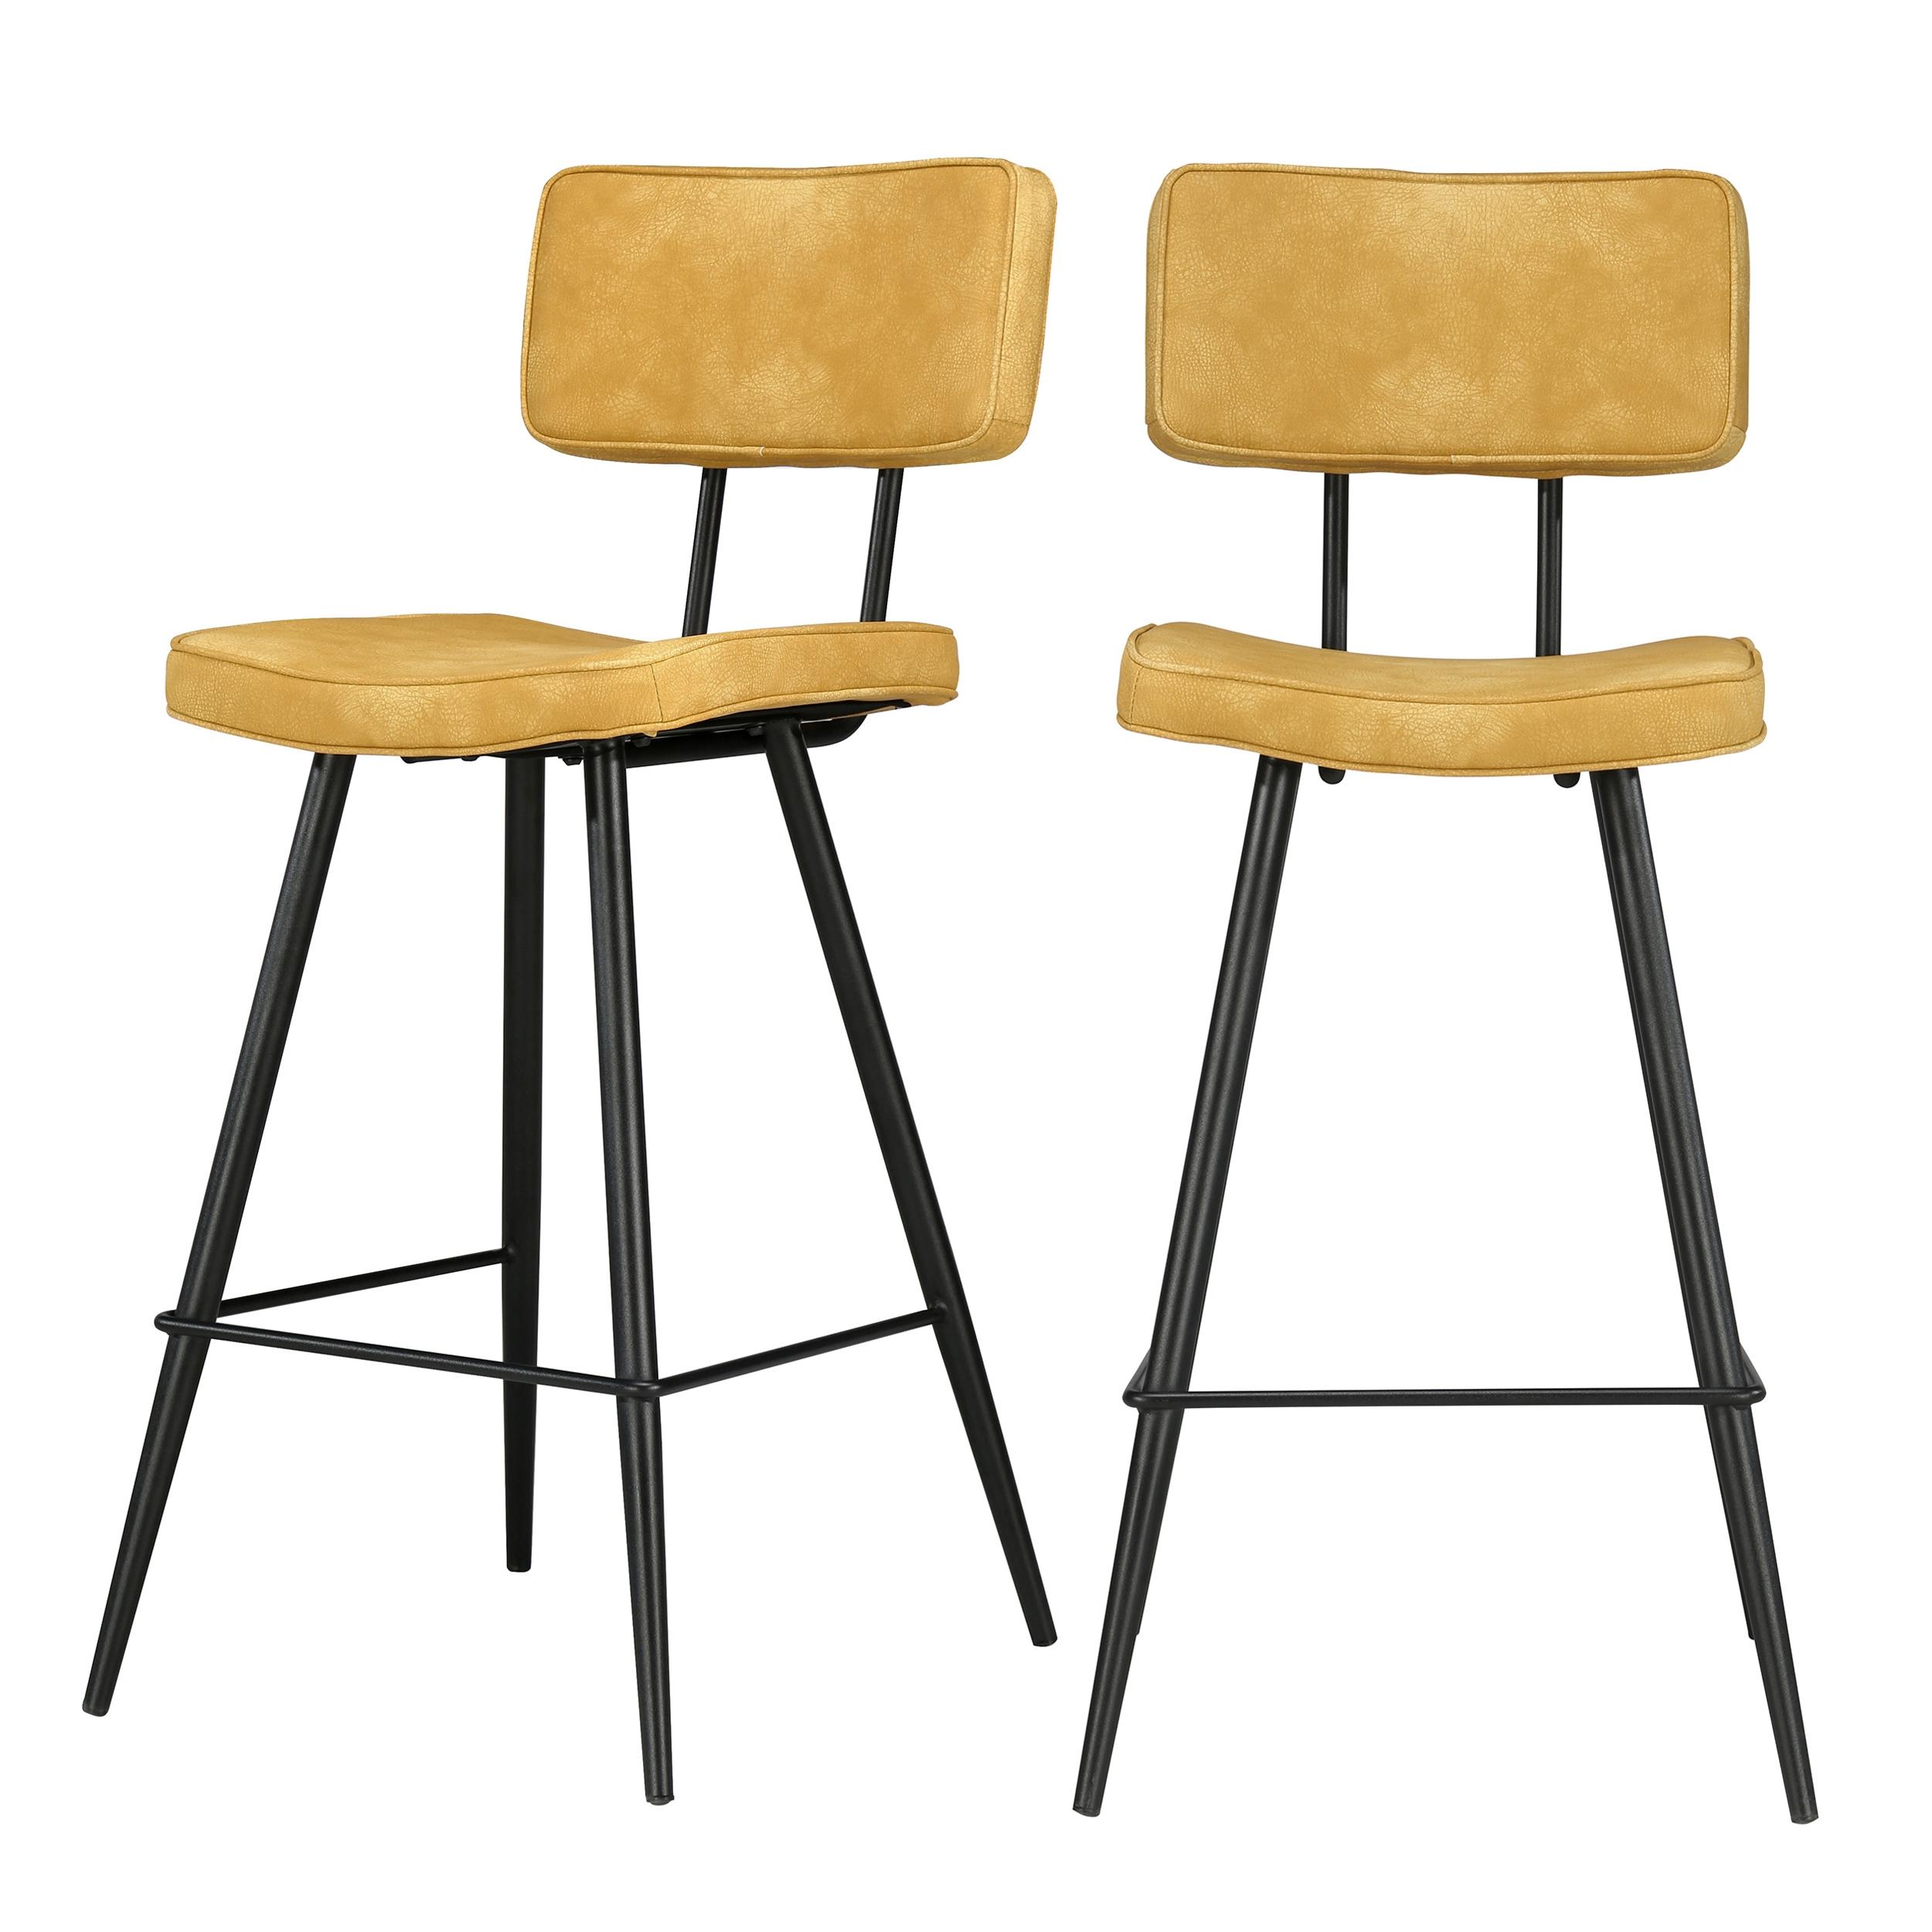 Chaise de bar mi-hauteur 65 cm cuir synthétique jaune (x2)